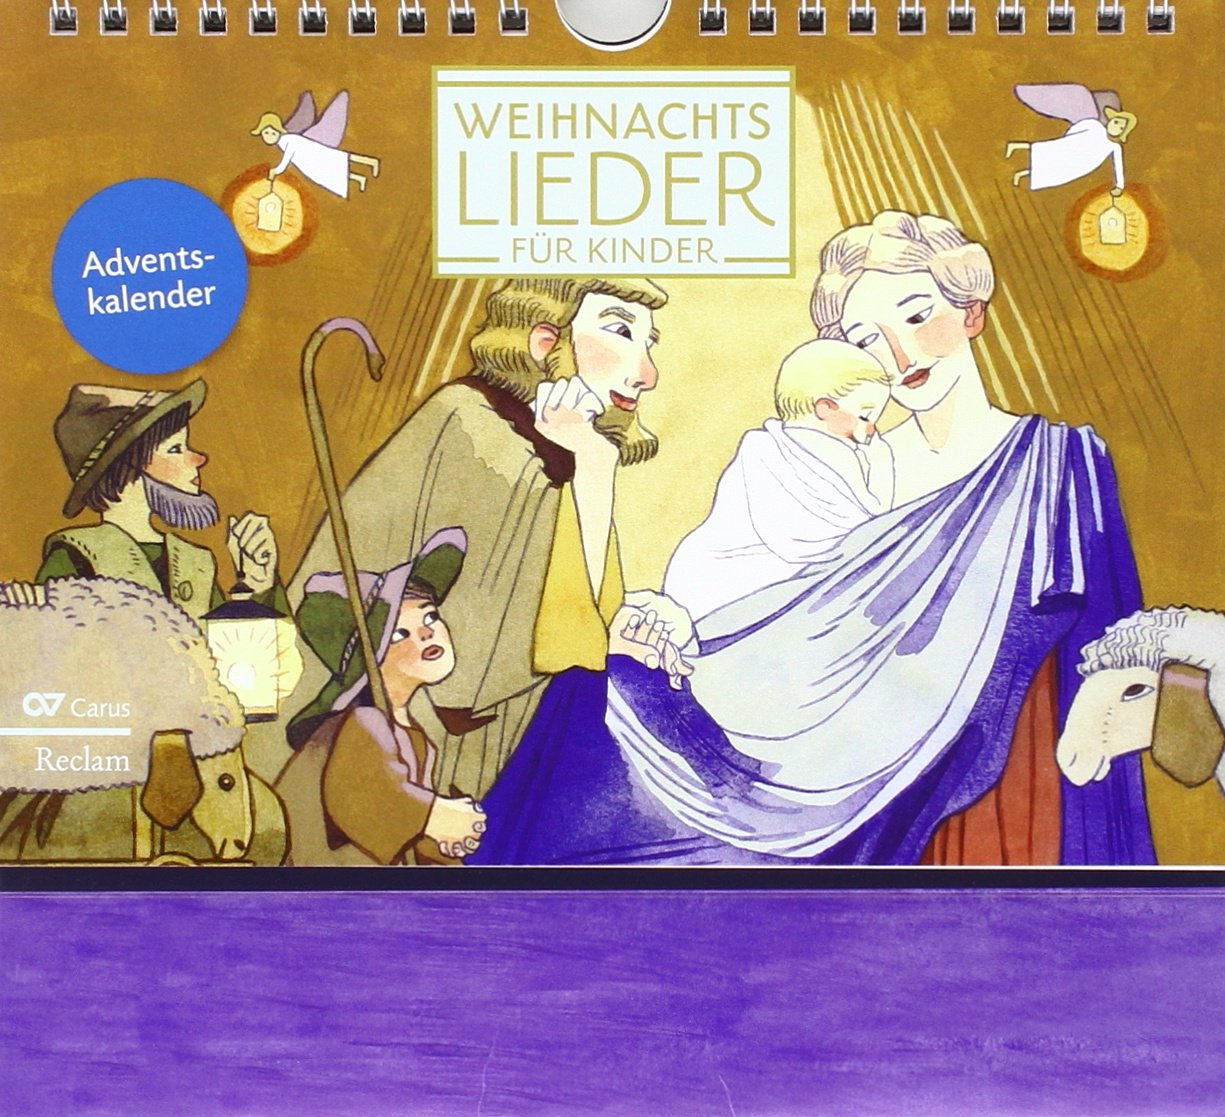 Weihnachtslieder für Kinder, Adventskalender: Amazon.de: Klaus K ...